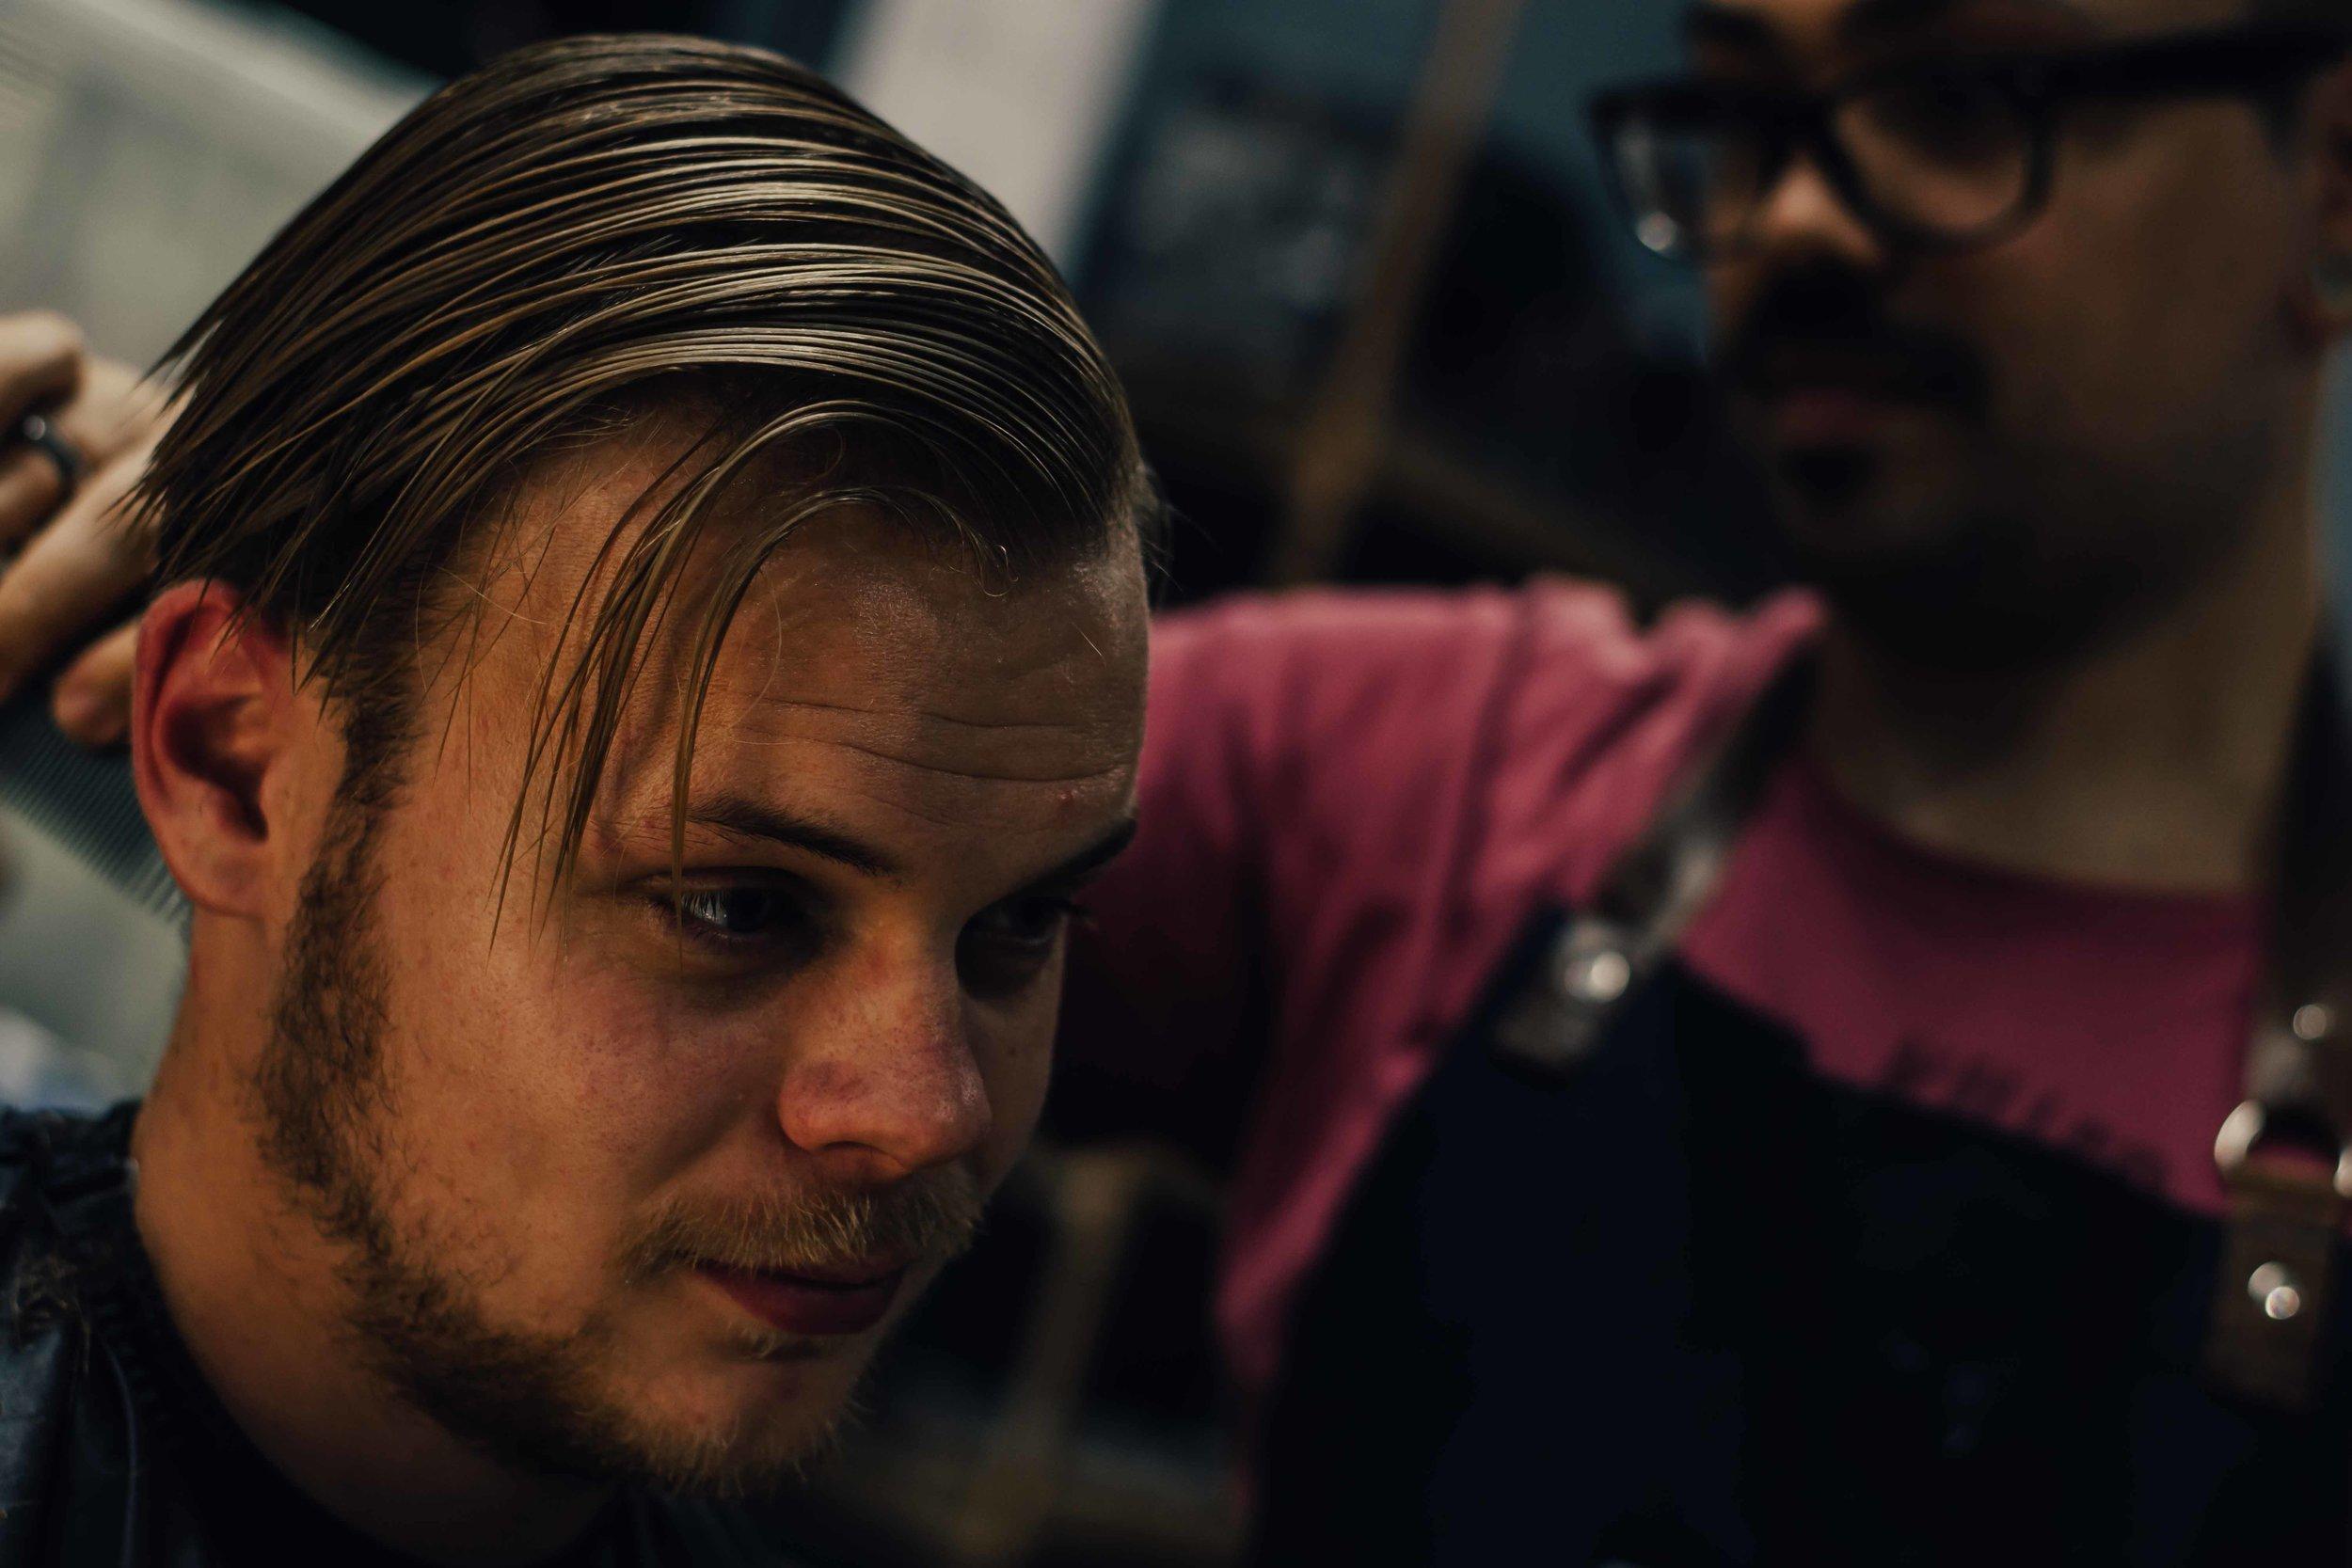 Barber-220.jpg